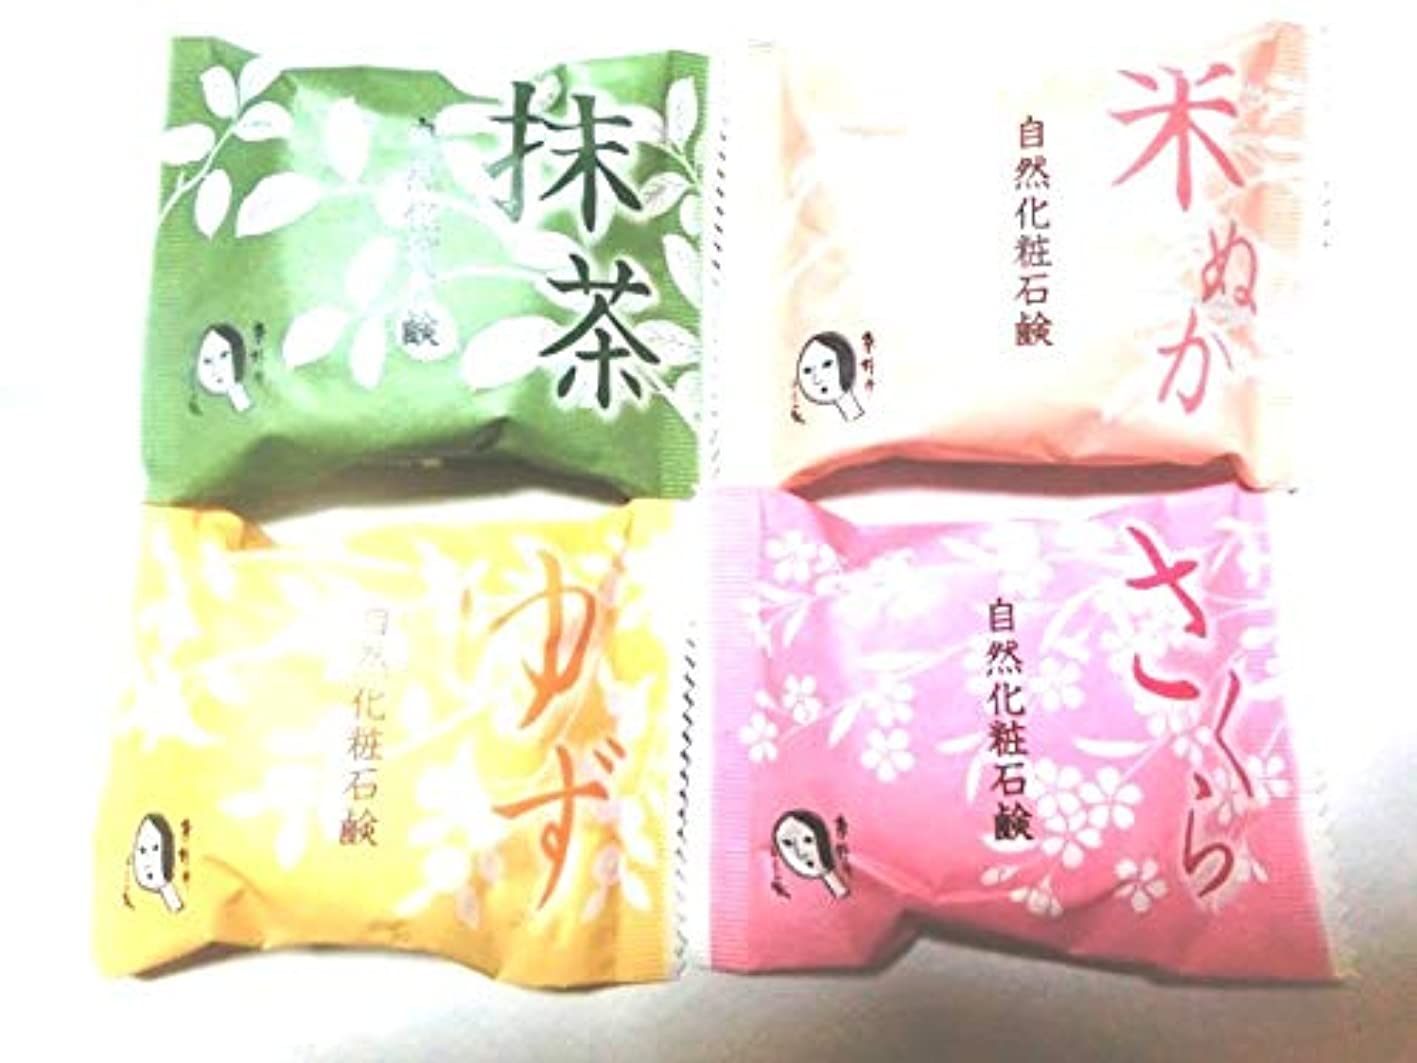 パトワ予算願うよーじや 自然化粧石鹸 50g (抹茶)